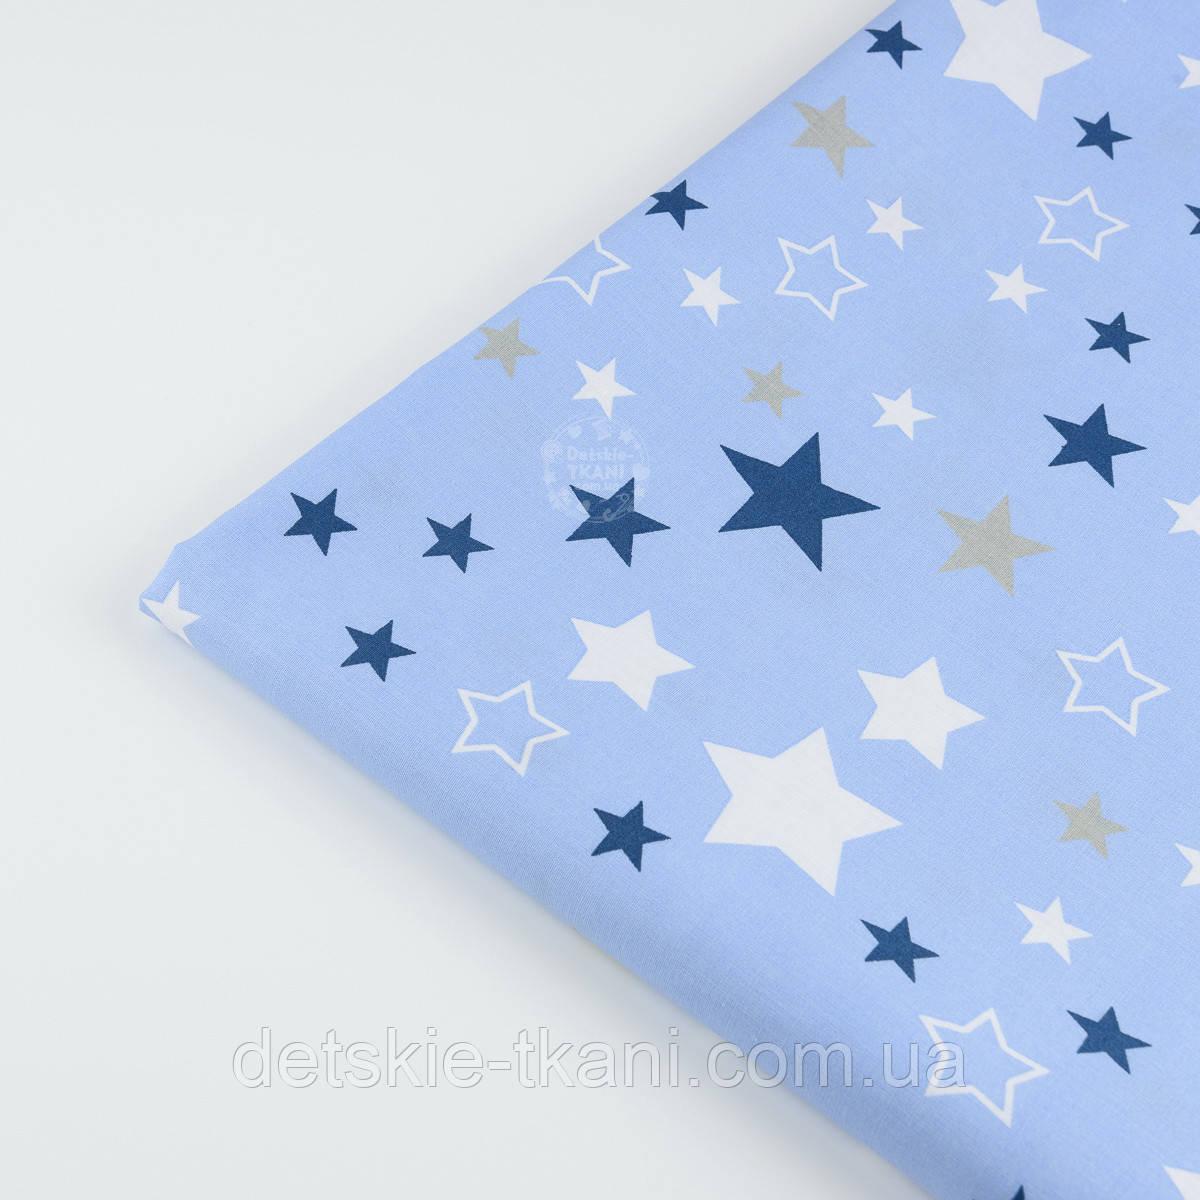 """Лоскут ткани №1030а """"Звёздный карнавал"""" с синими и белыми звёздами на голубом фоне, размер 18*122см"""